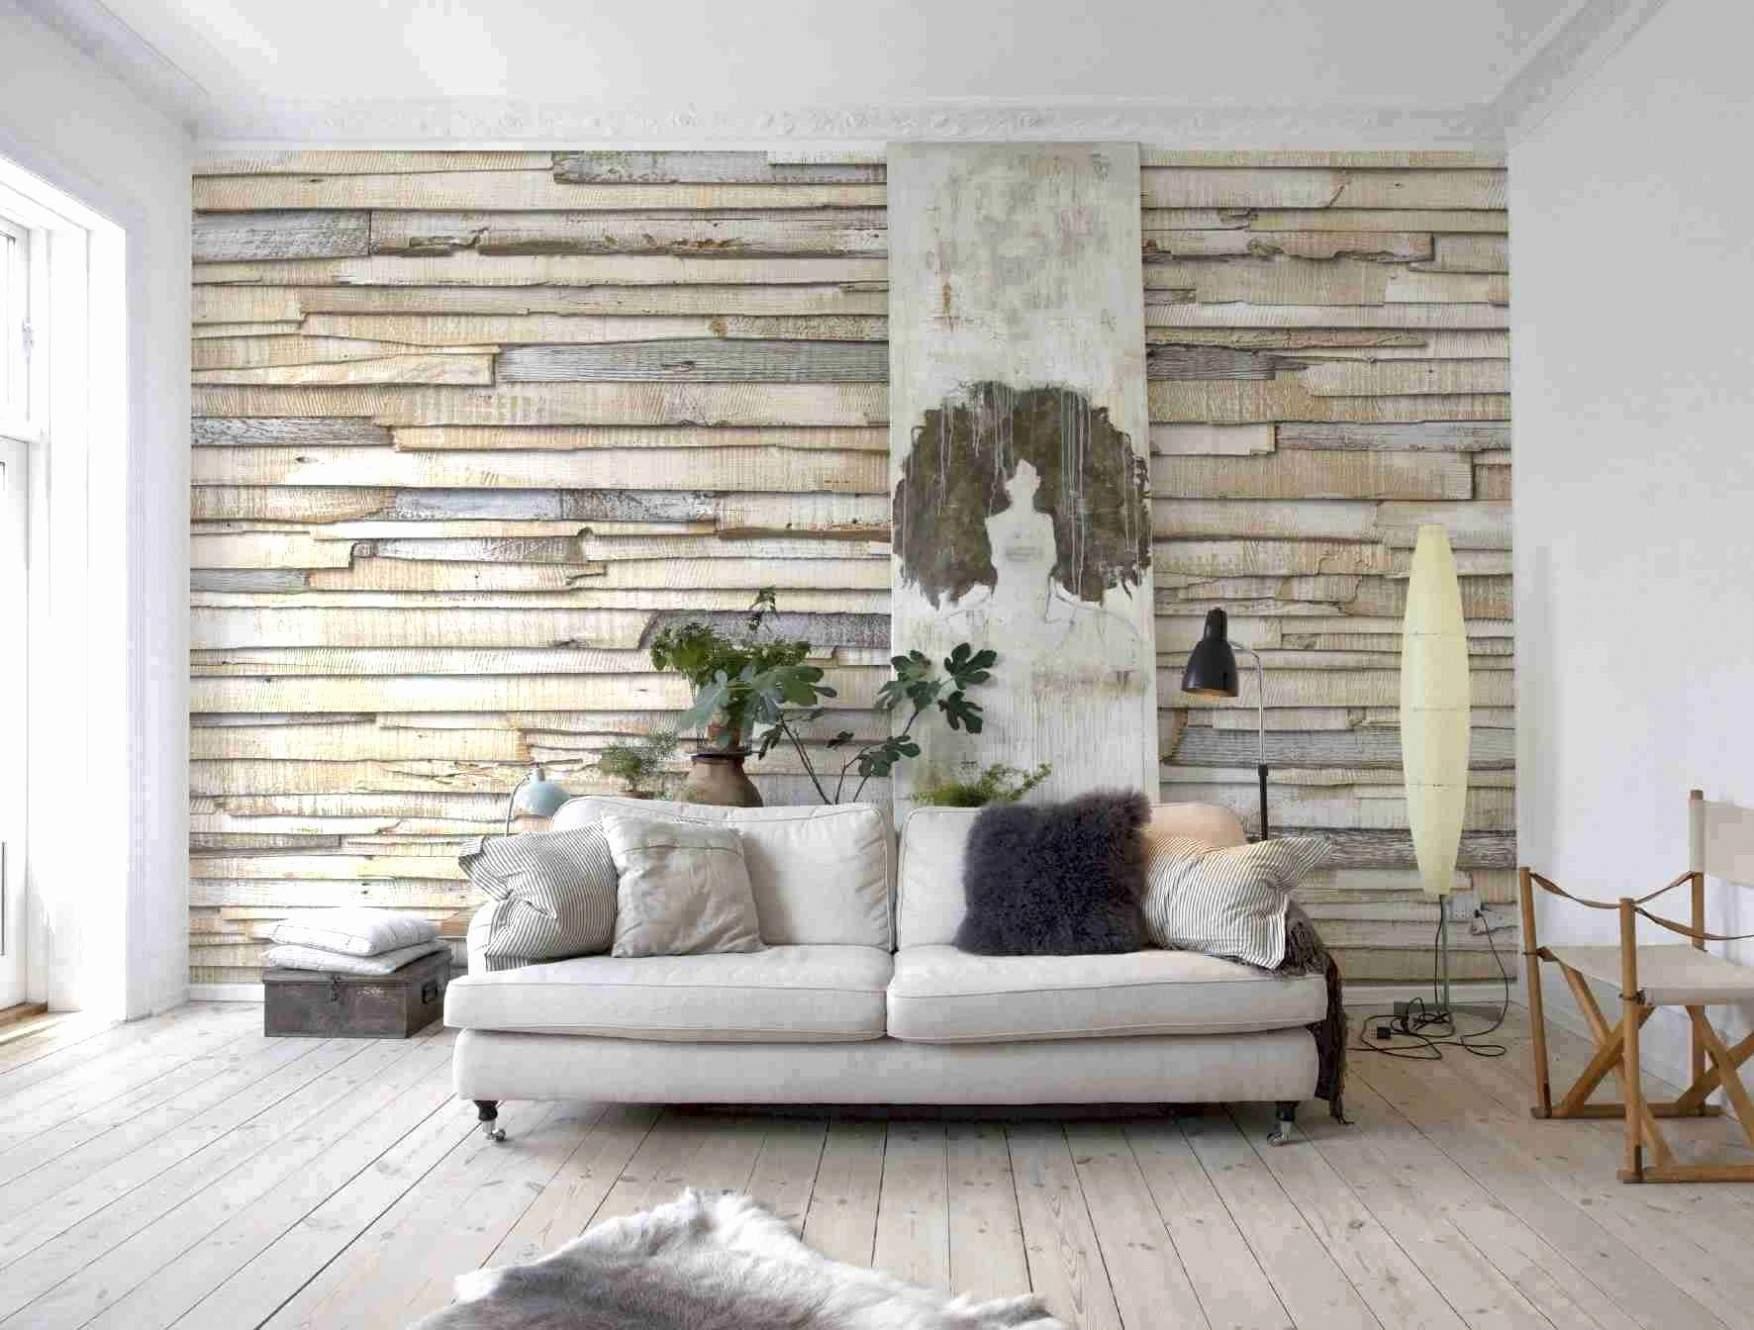 Full Size of Tapeten Trends 2020 Wohnzimmer Einzigartig Luxus Relaxliege Teppiche Kamin Für Die Küche Hängeschrank Decken Deckenlampen Modern Indirekte Beleuchtung Wohnzimmer Tapeten Trends 2020 Wohnzimmer